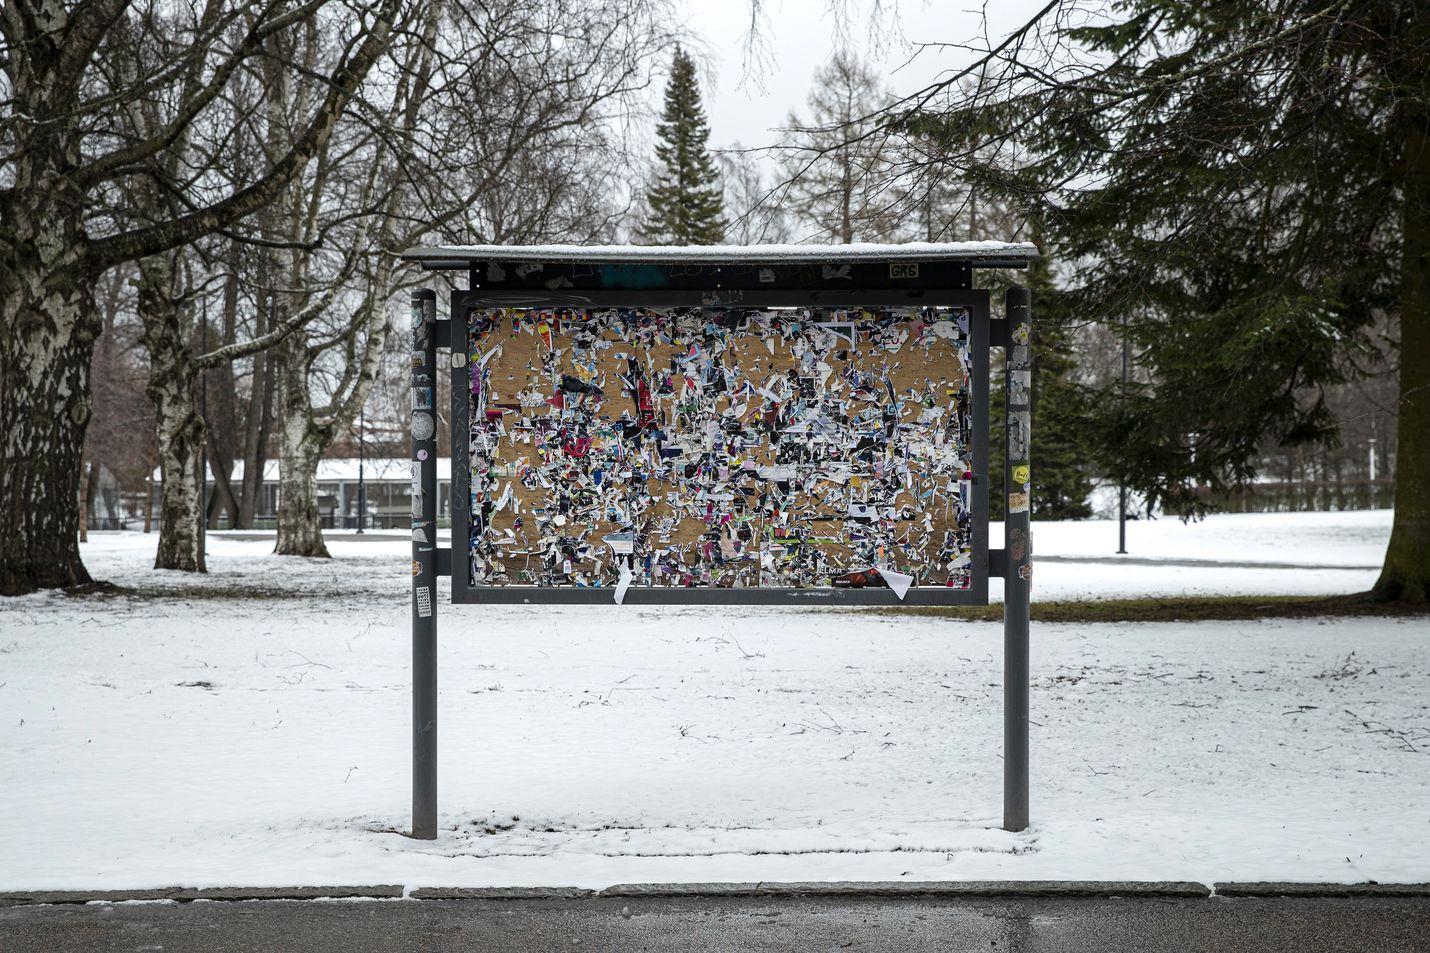 Koronakriisi pisti tapahtumille lopun maaliskuun puolivälissä. 15. huhtikuuta otetussa kuvassa näkyy, kuinka Tampereen Sorsapuiston ilmoitustaulu oli tyhjennetty tapahtumajulisteista.